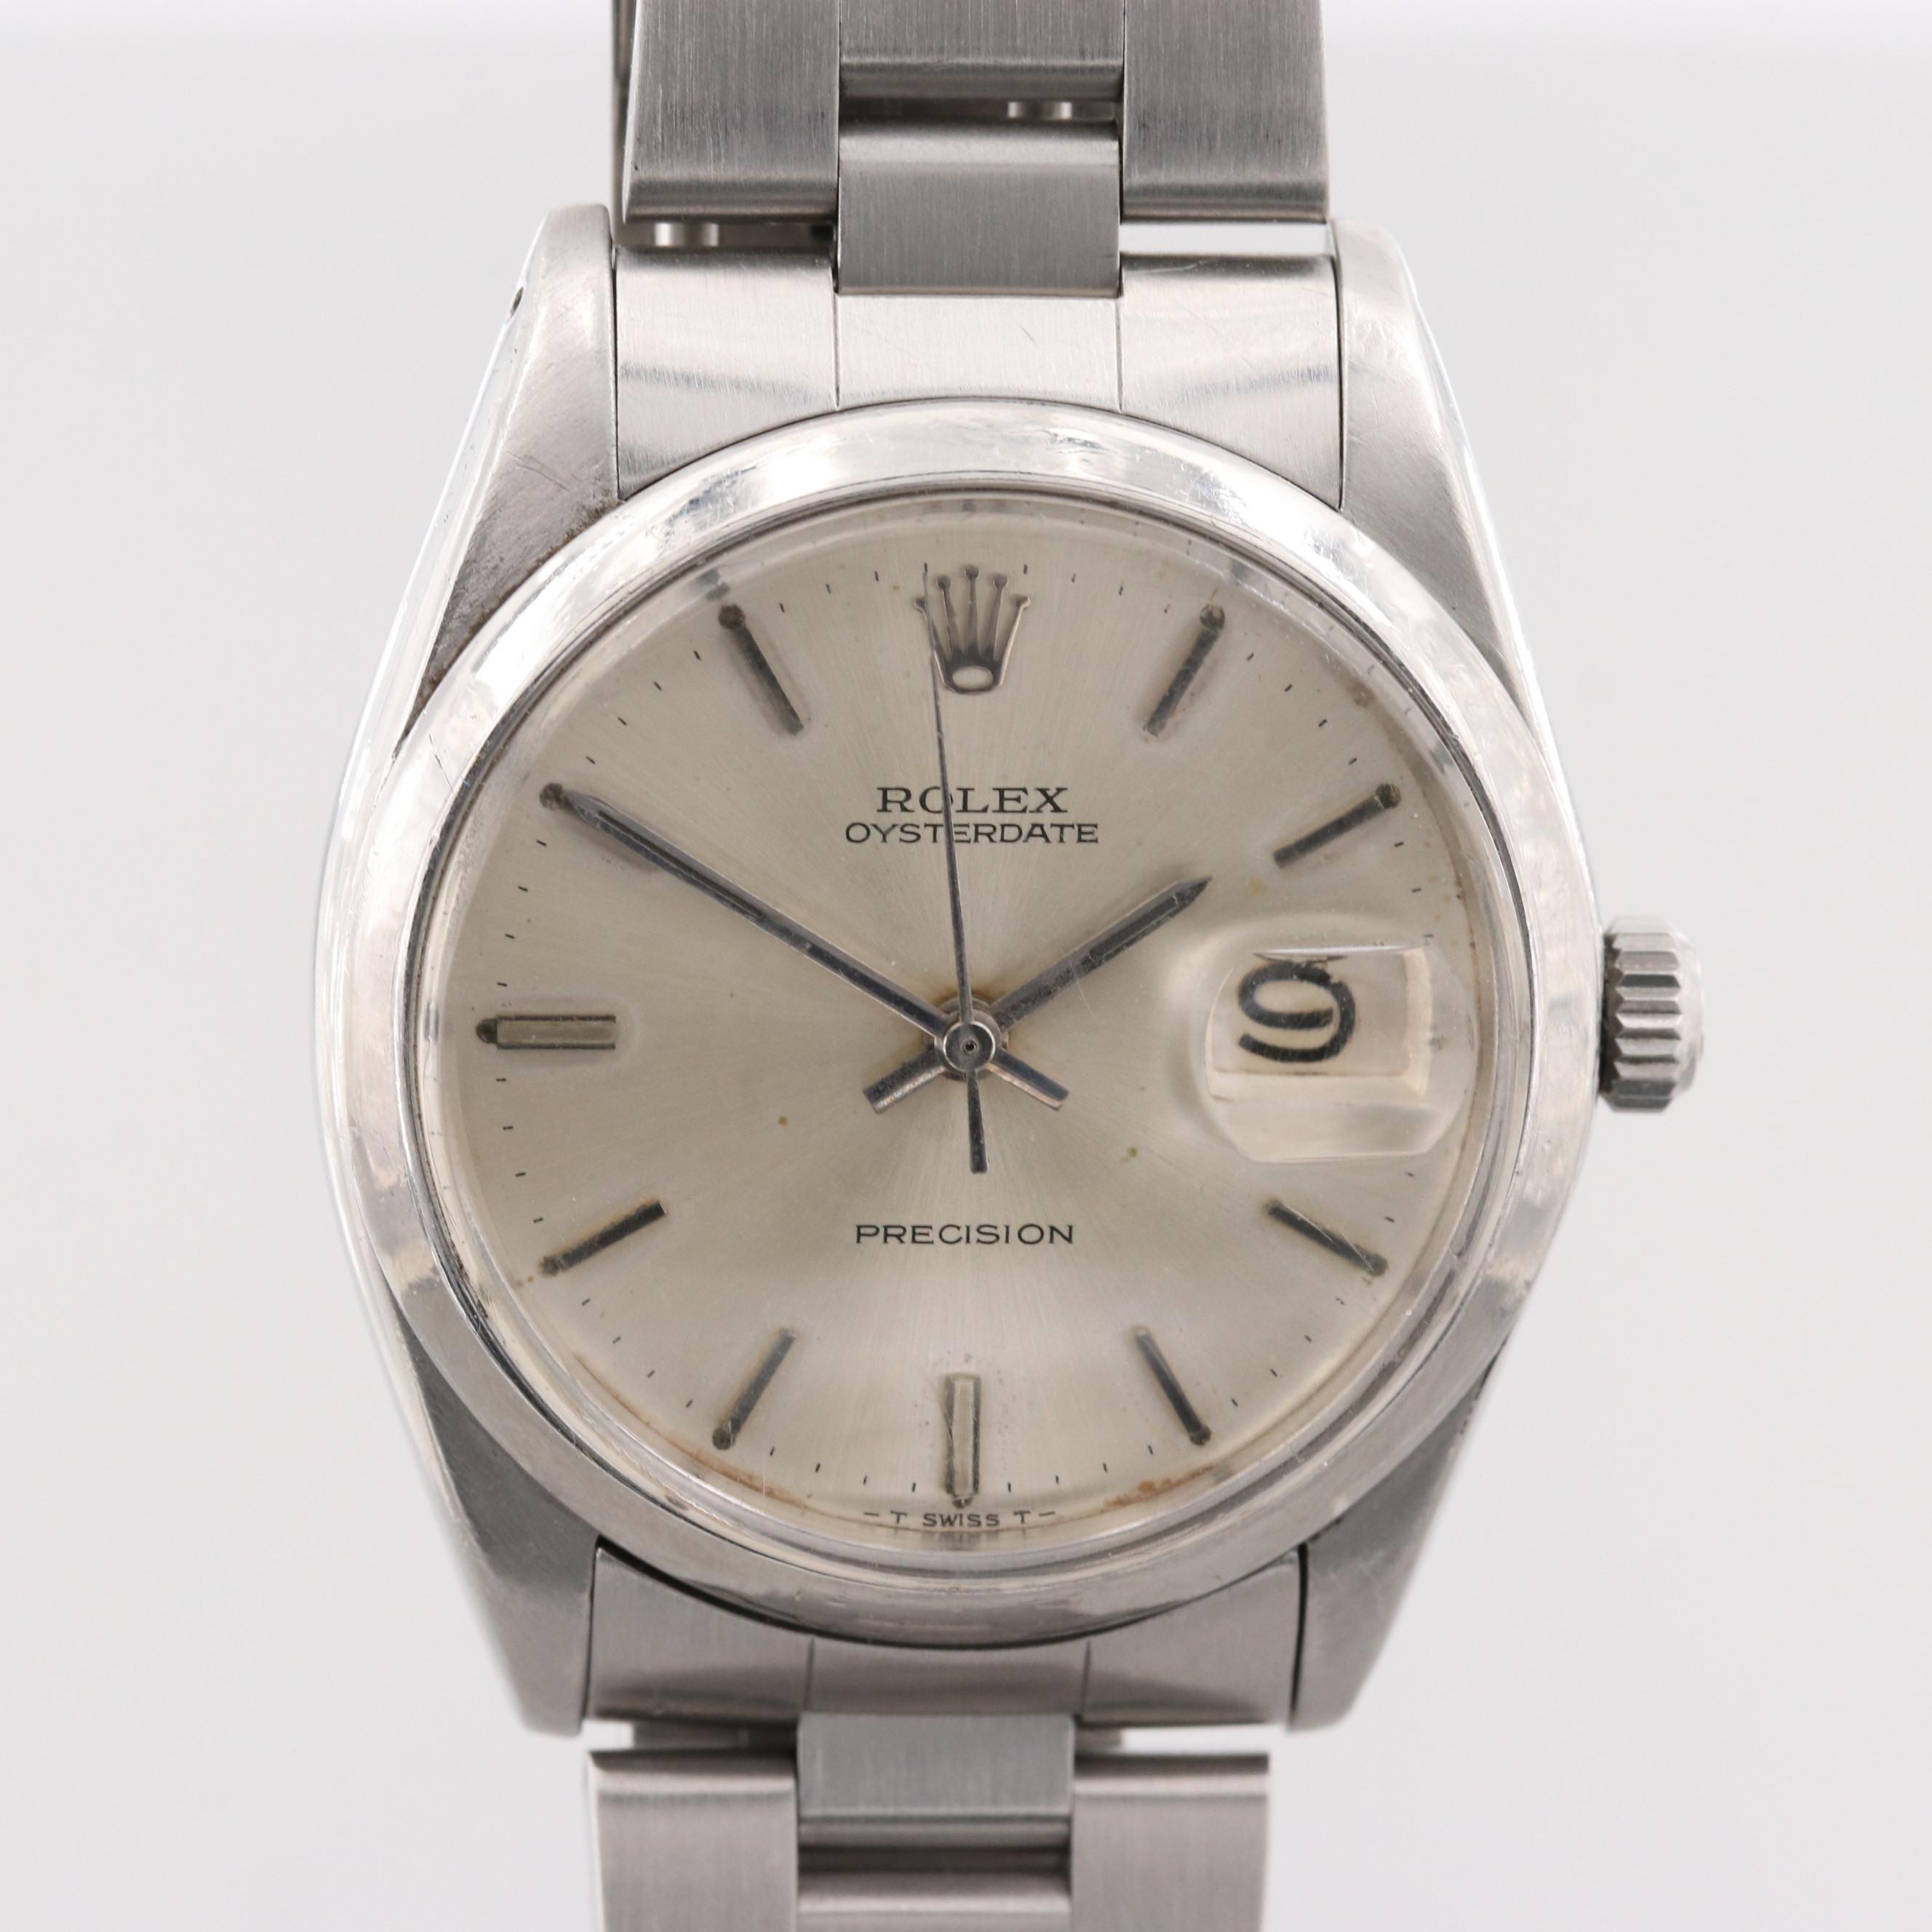 Vintage Rolex Oysterdate Precision 6694 Stainless Steel Wristwatch, 1966